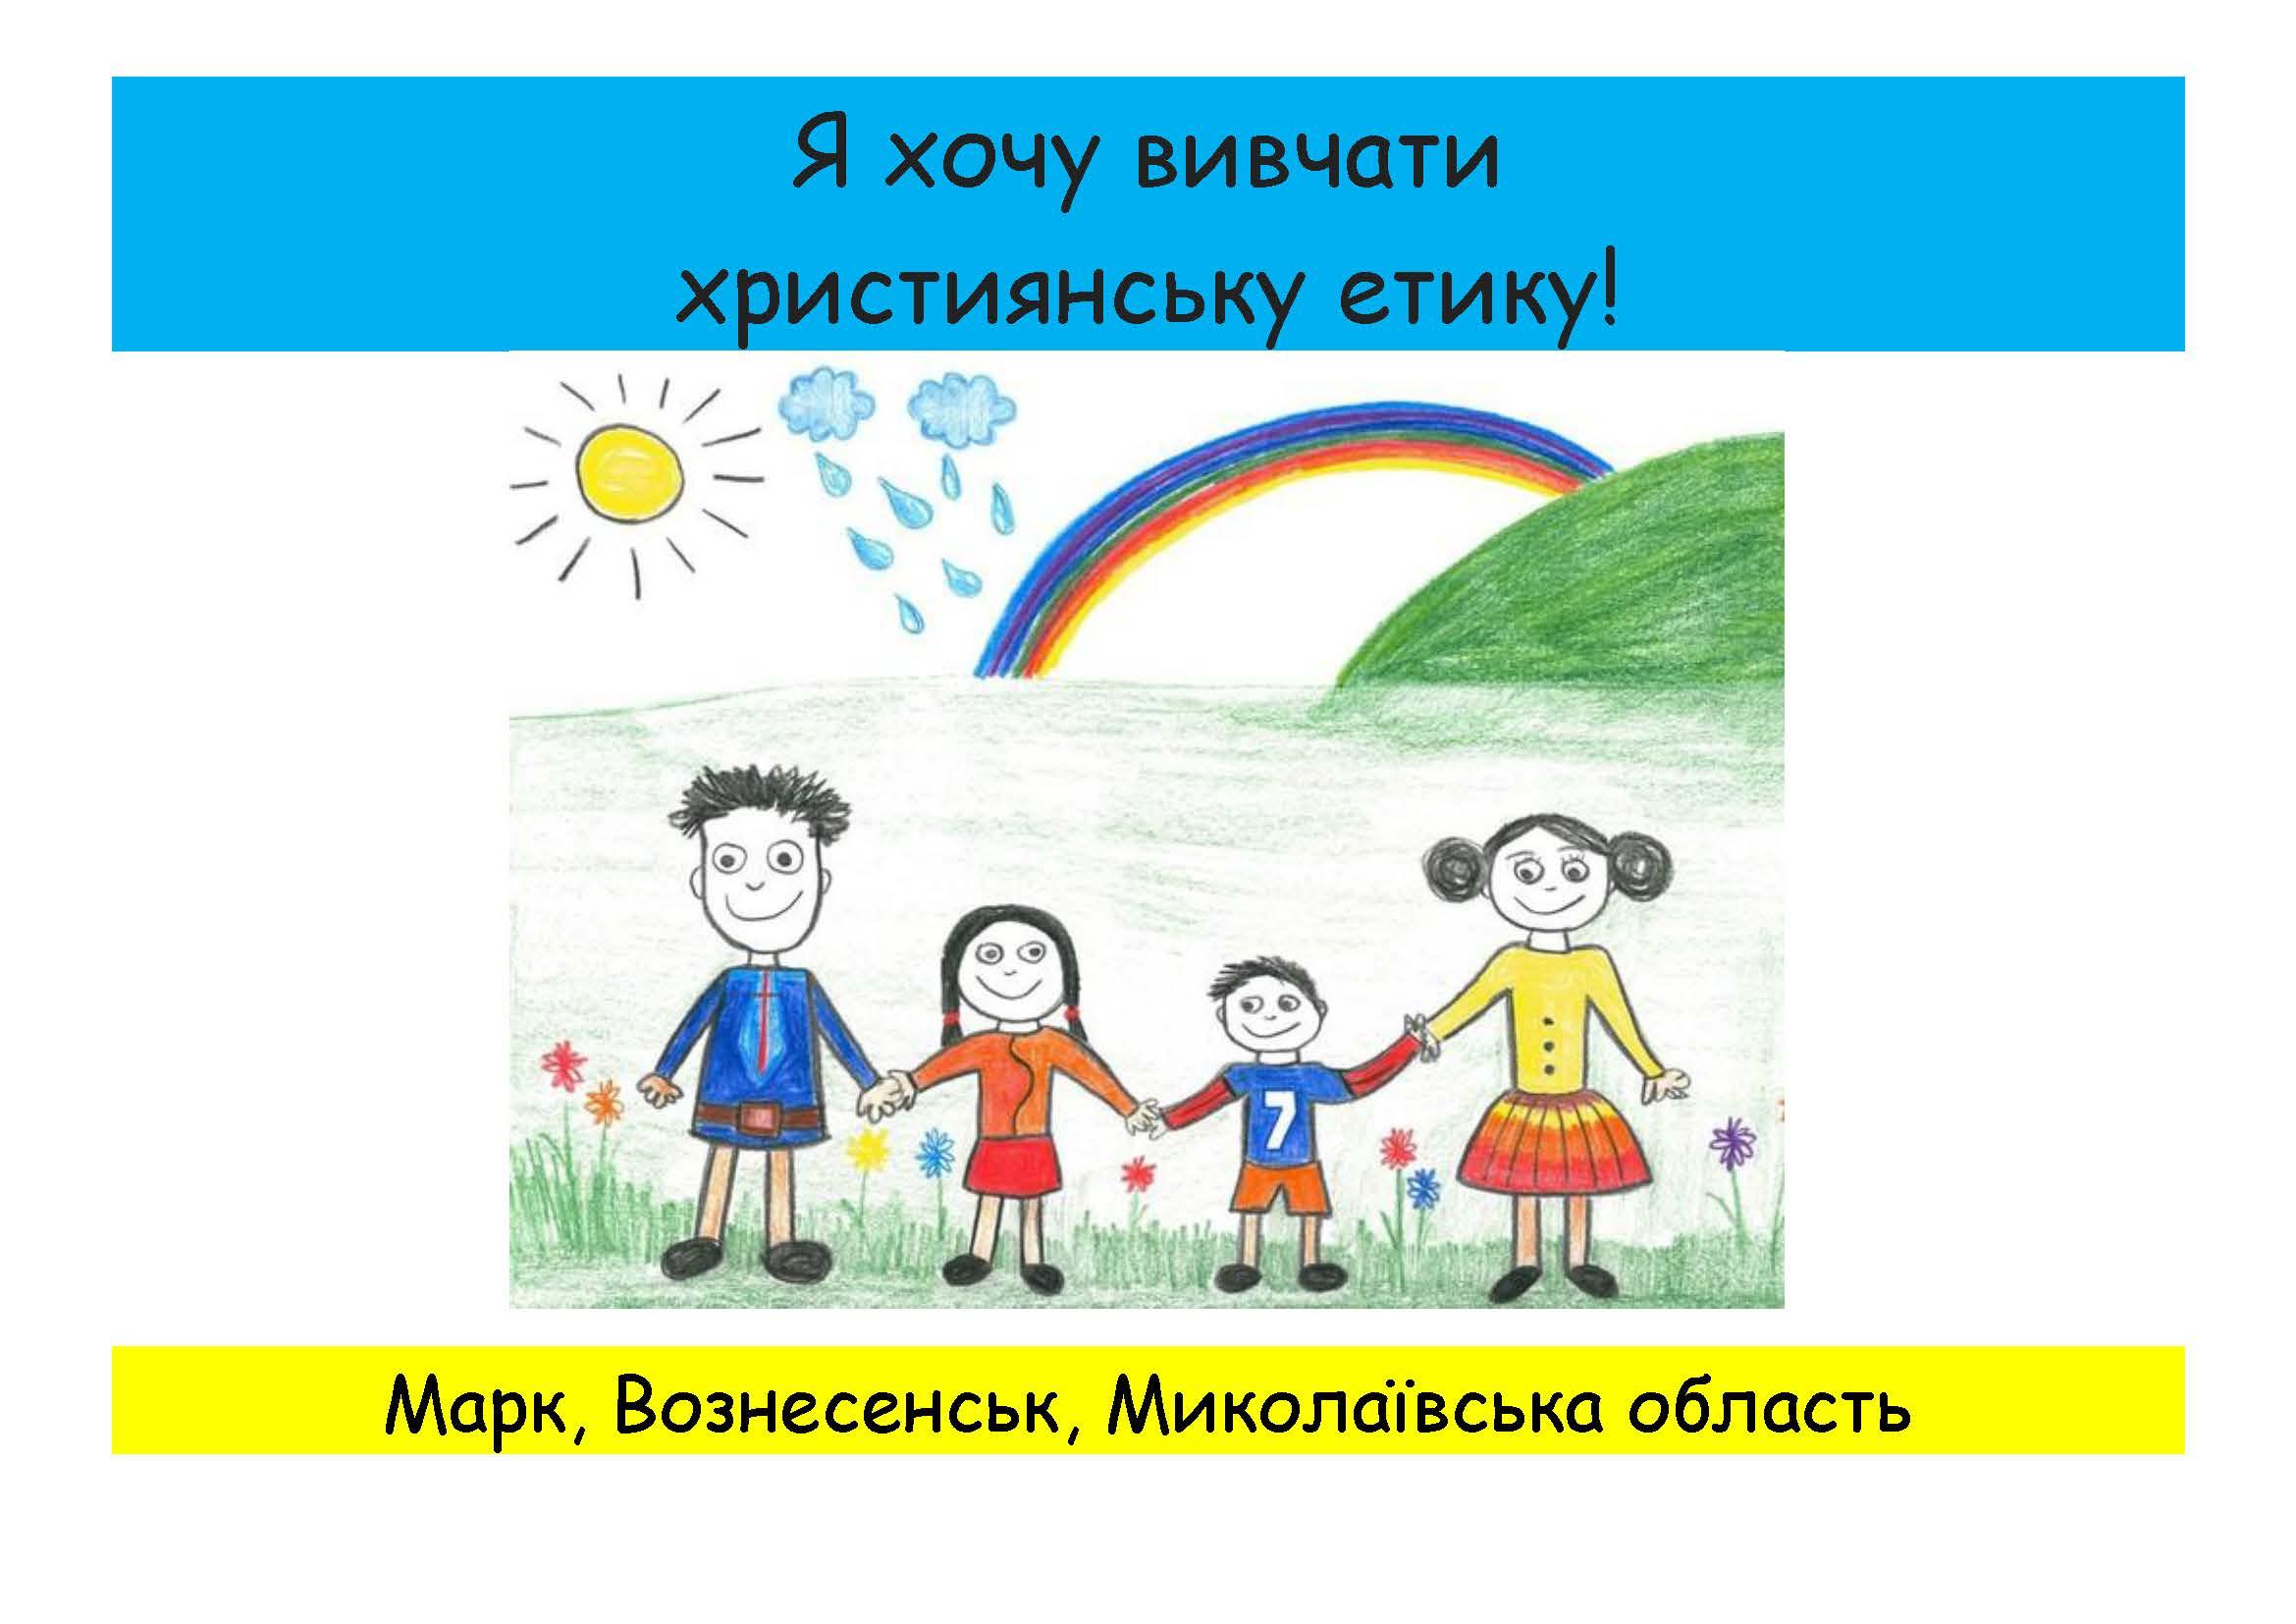 Всеукраїнське мотиваційне онлайн-дійство-марафон на підтримку християнських цінностей в освіті